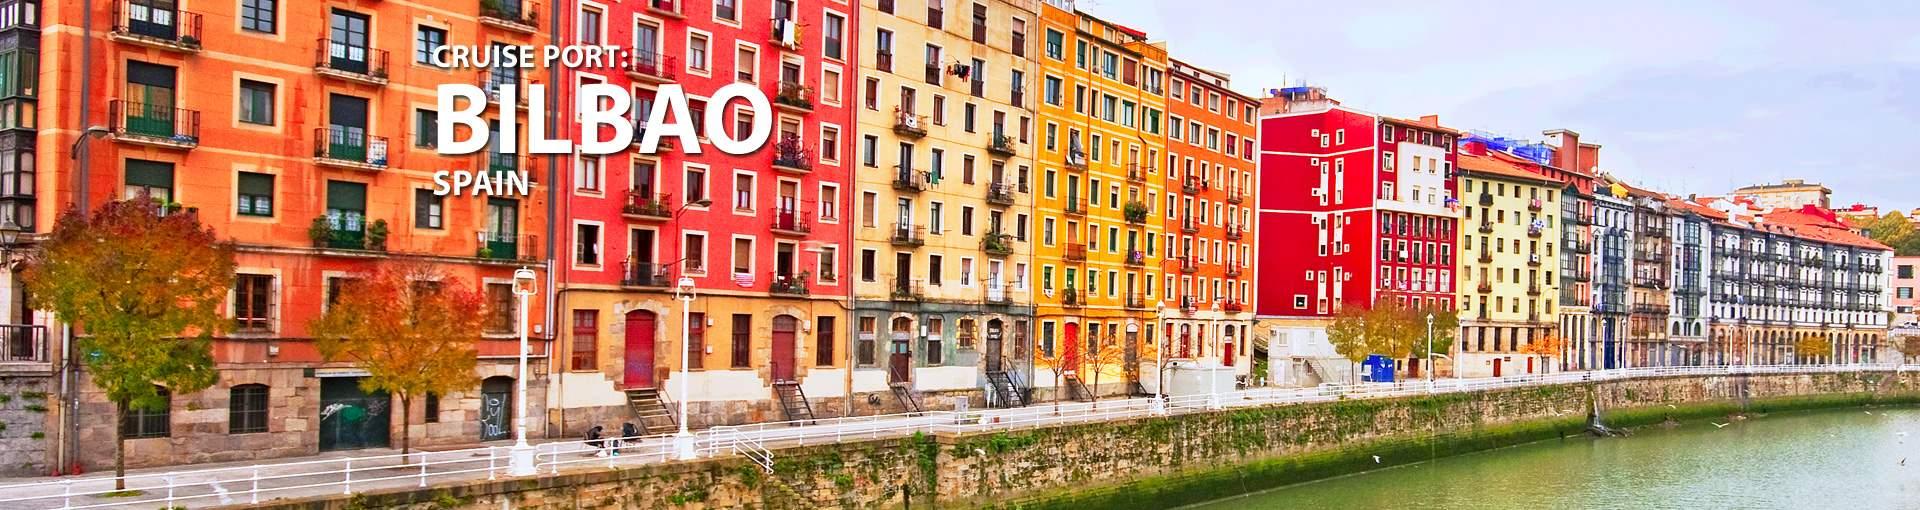 Cruises to Bilbao, Spain